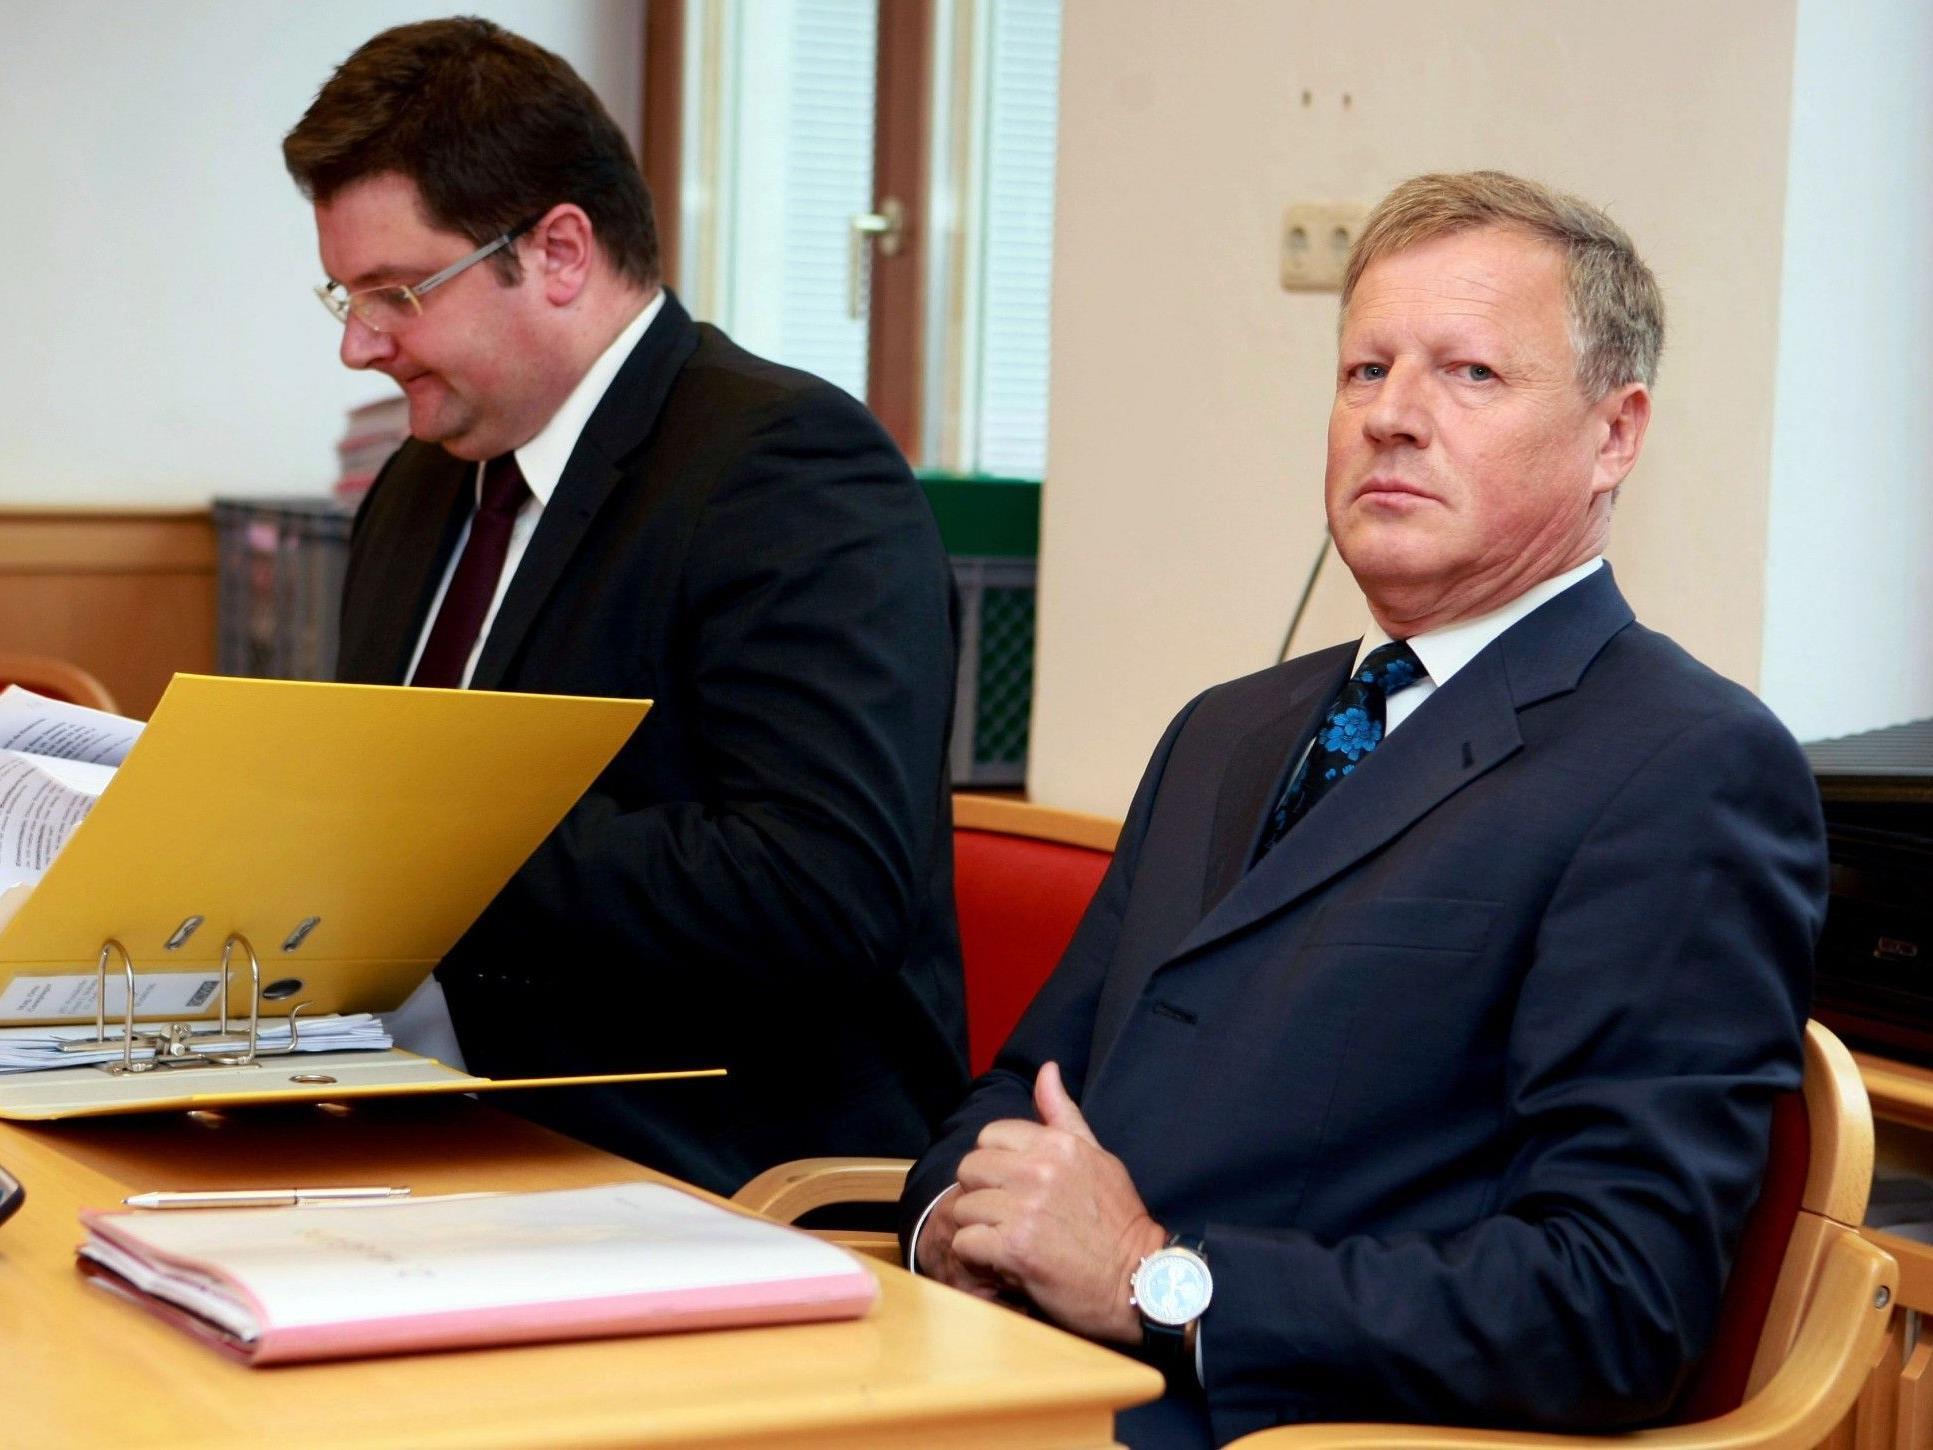 Der ehemalige oberösterreichische ÖVP-Landtagsabgeordnete Otto Gumpinger (rechts im Bild).